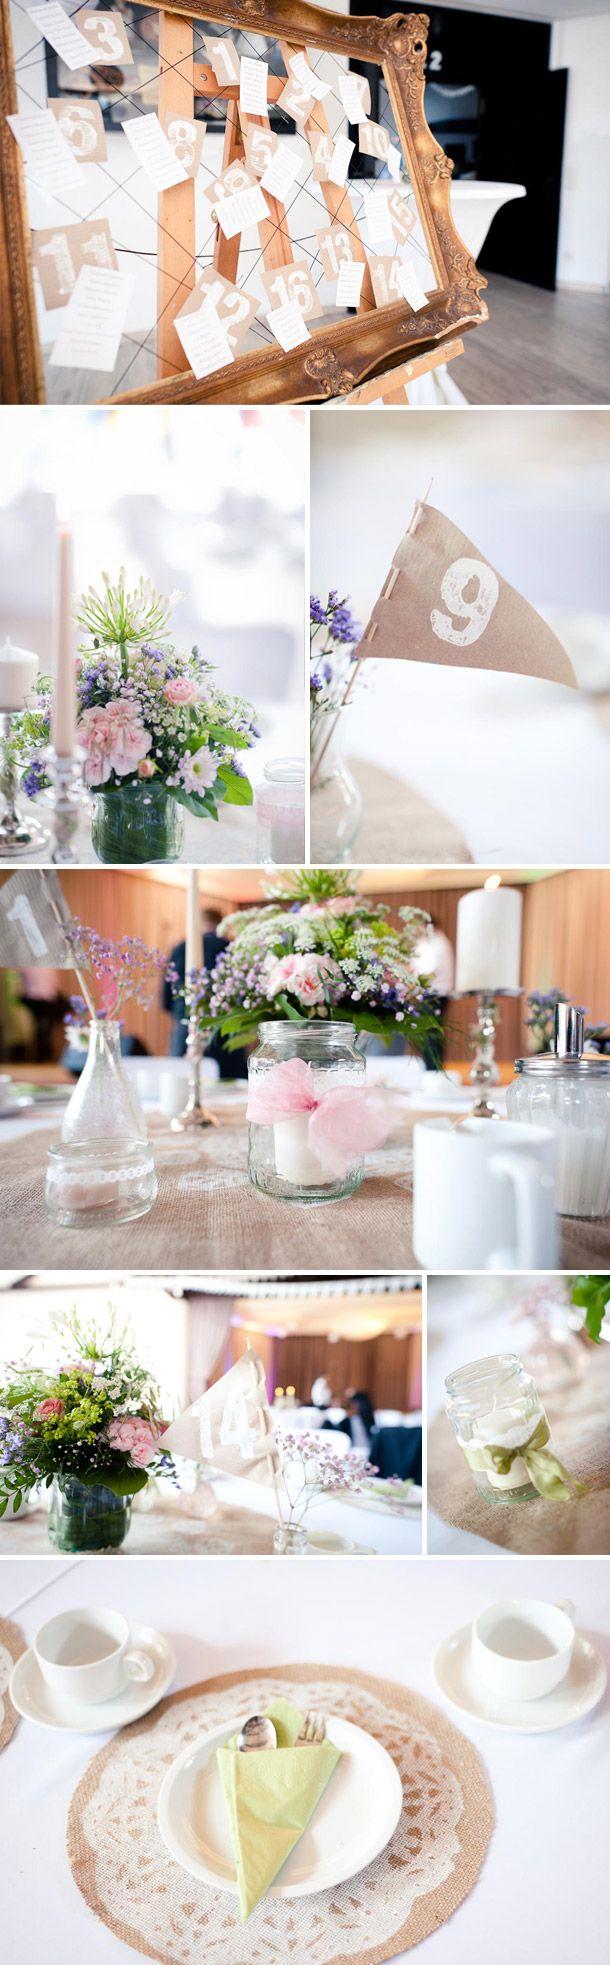 Romantische Hochzeit bei David M. Kandelhardt Photography